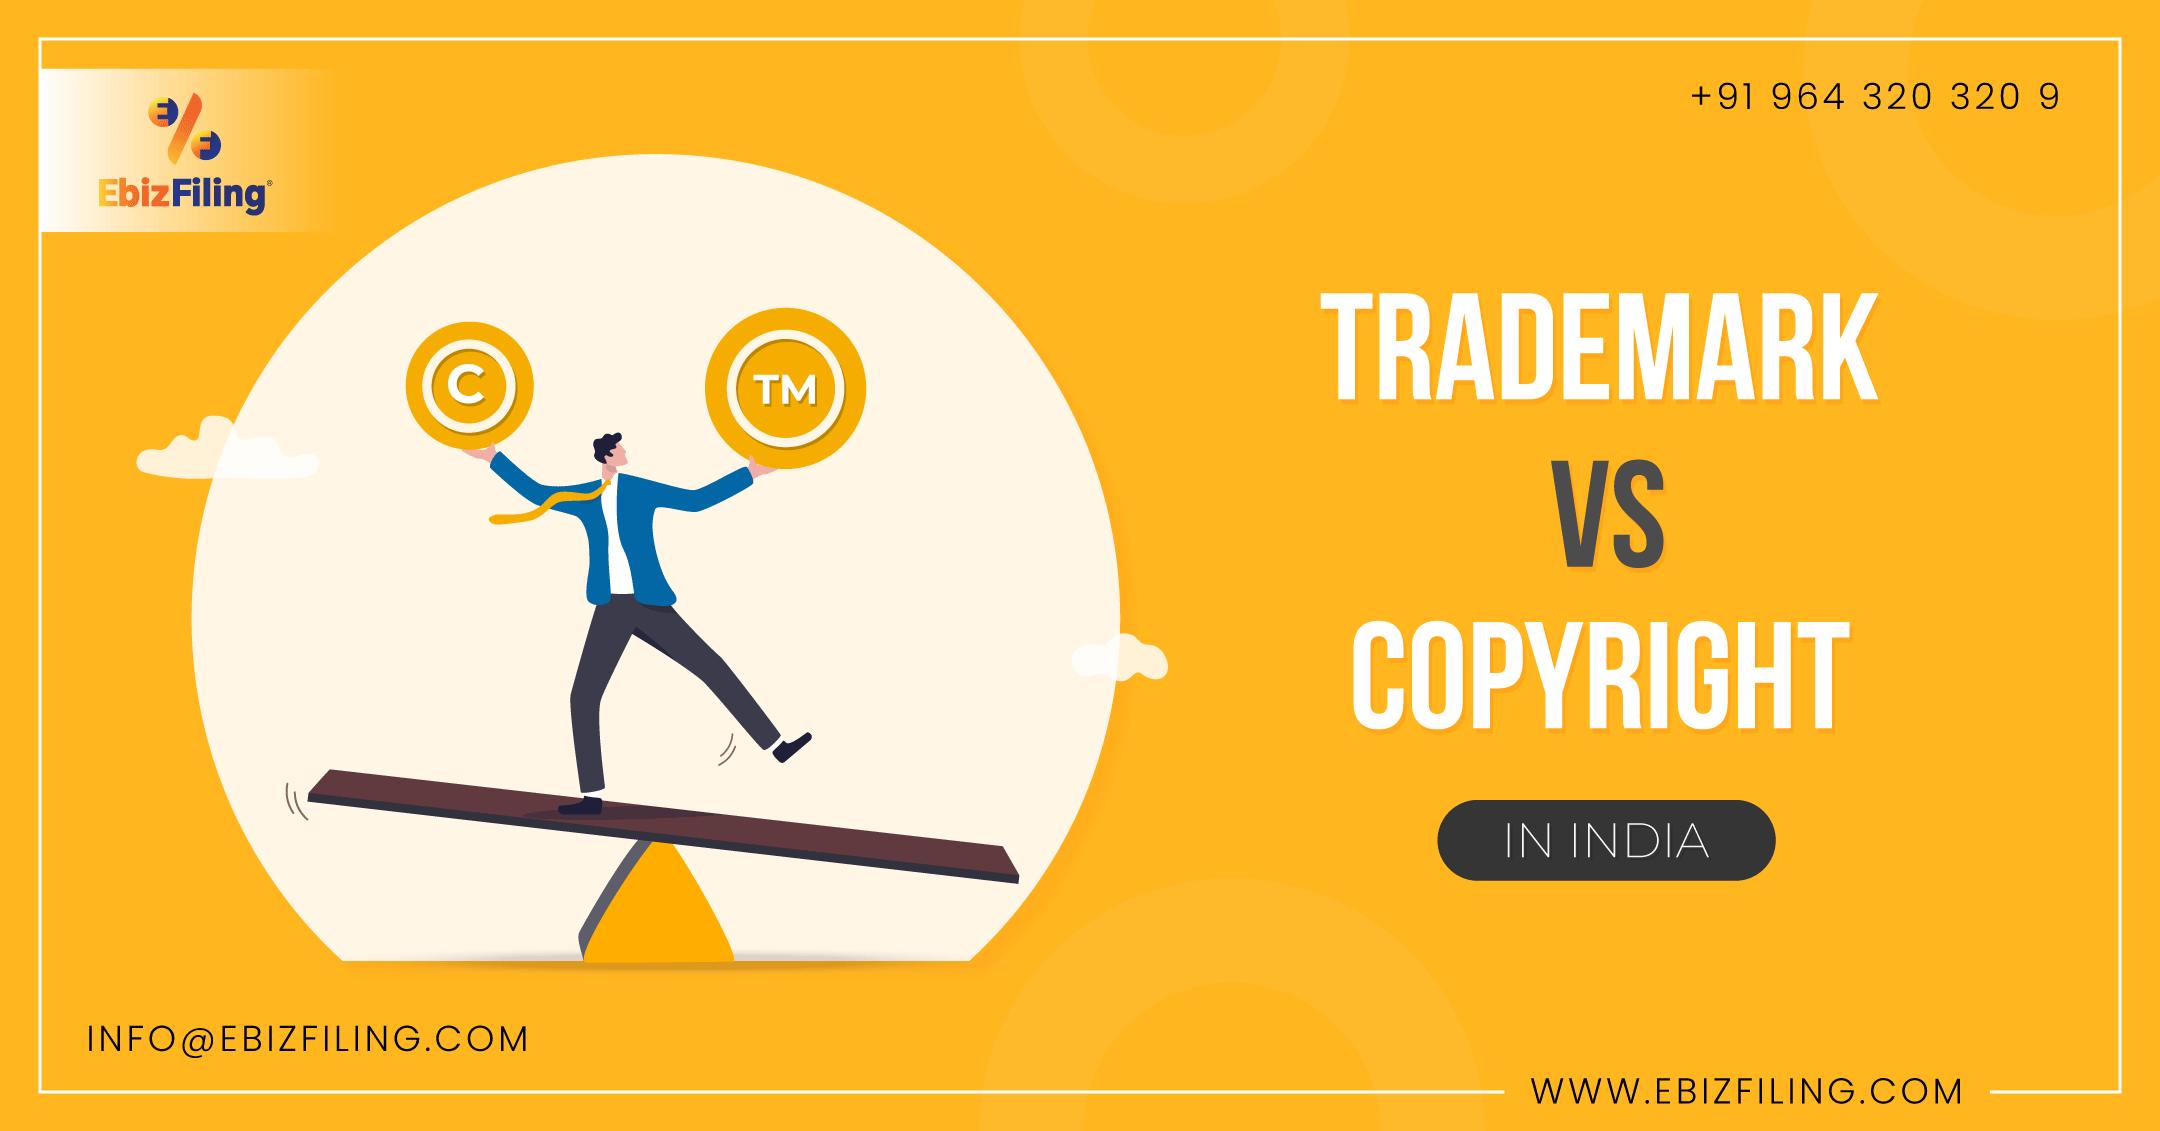 Trademark vs Copyright, Ebizfiling, Copyright application, Trademark Registration